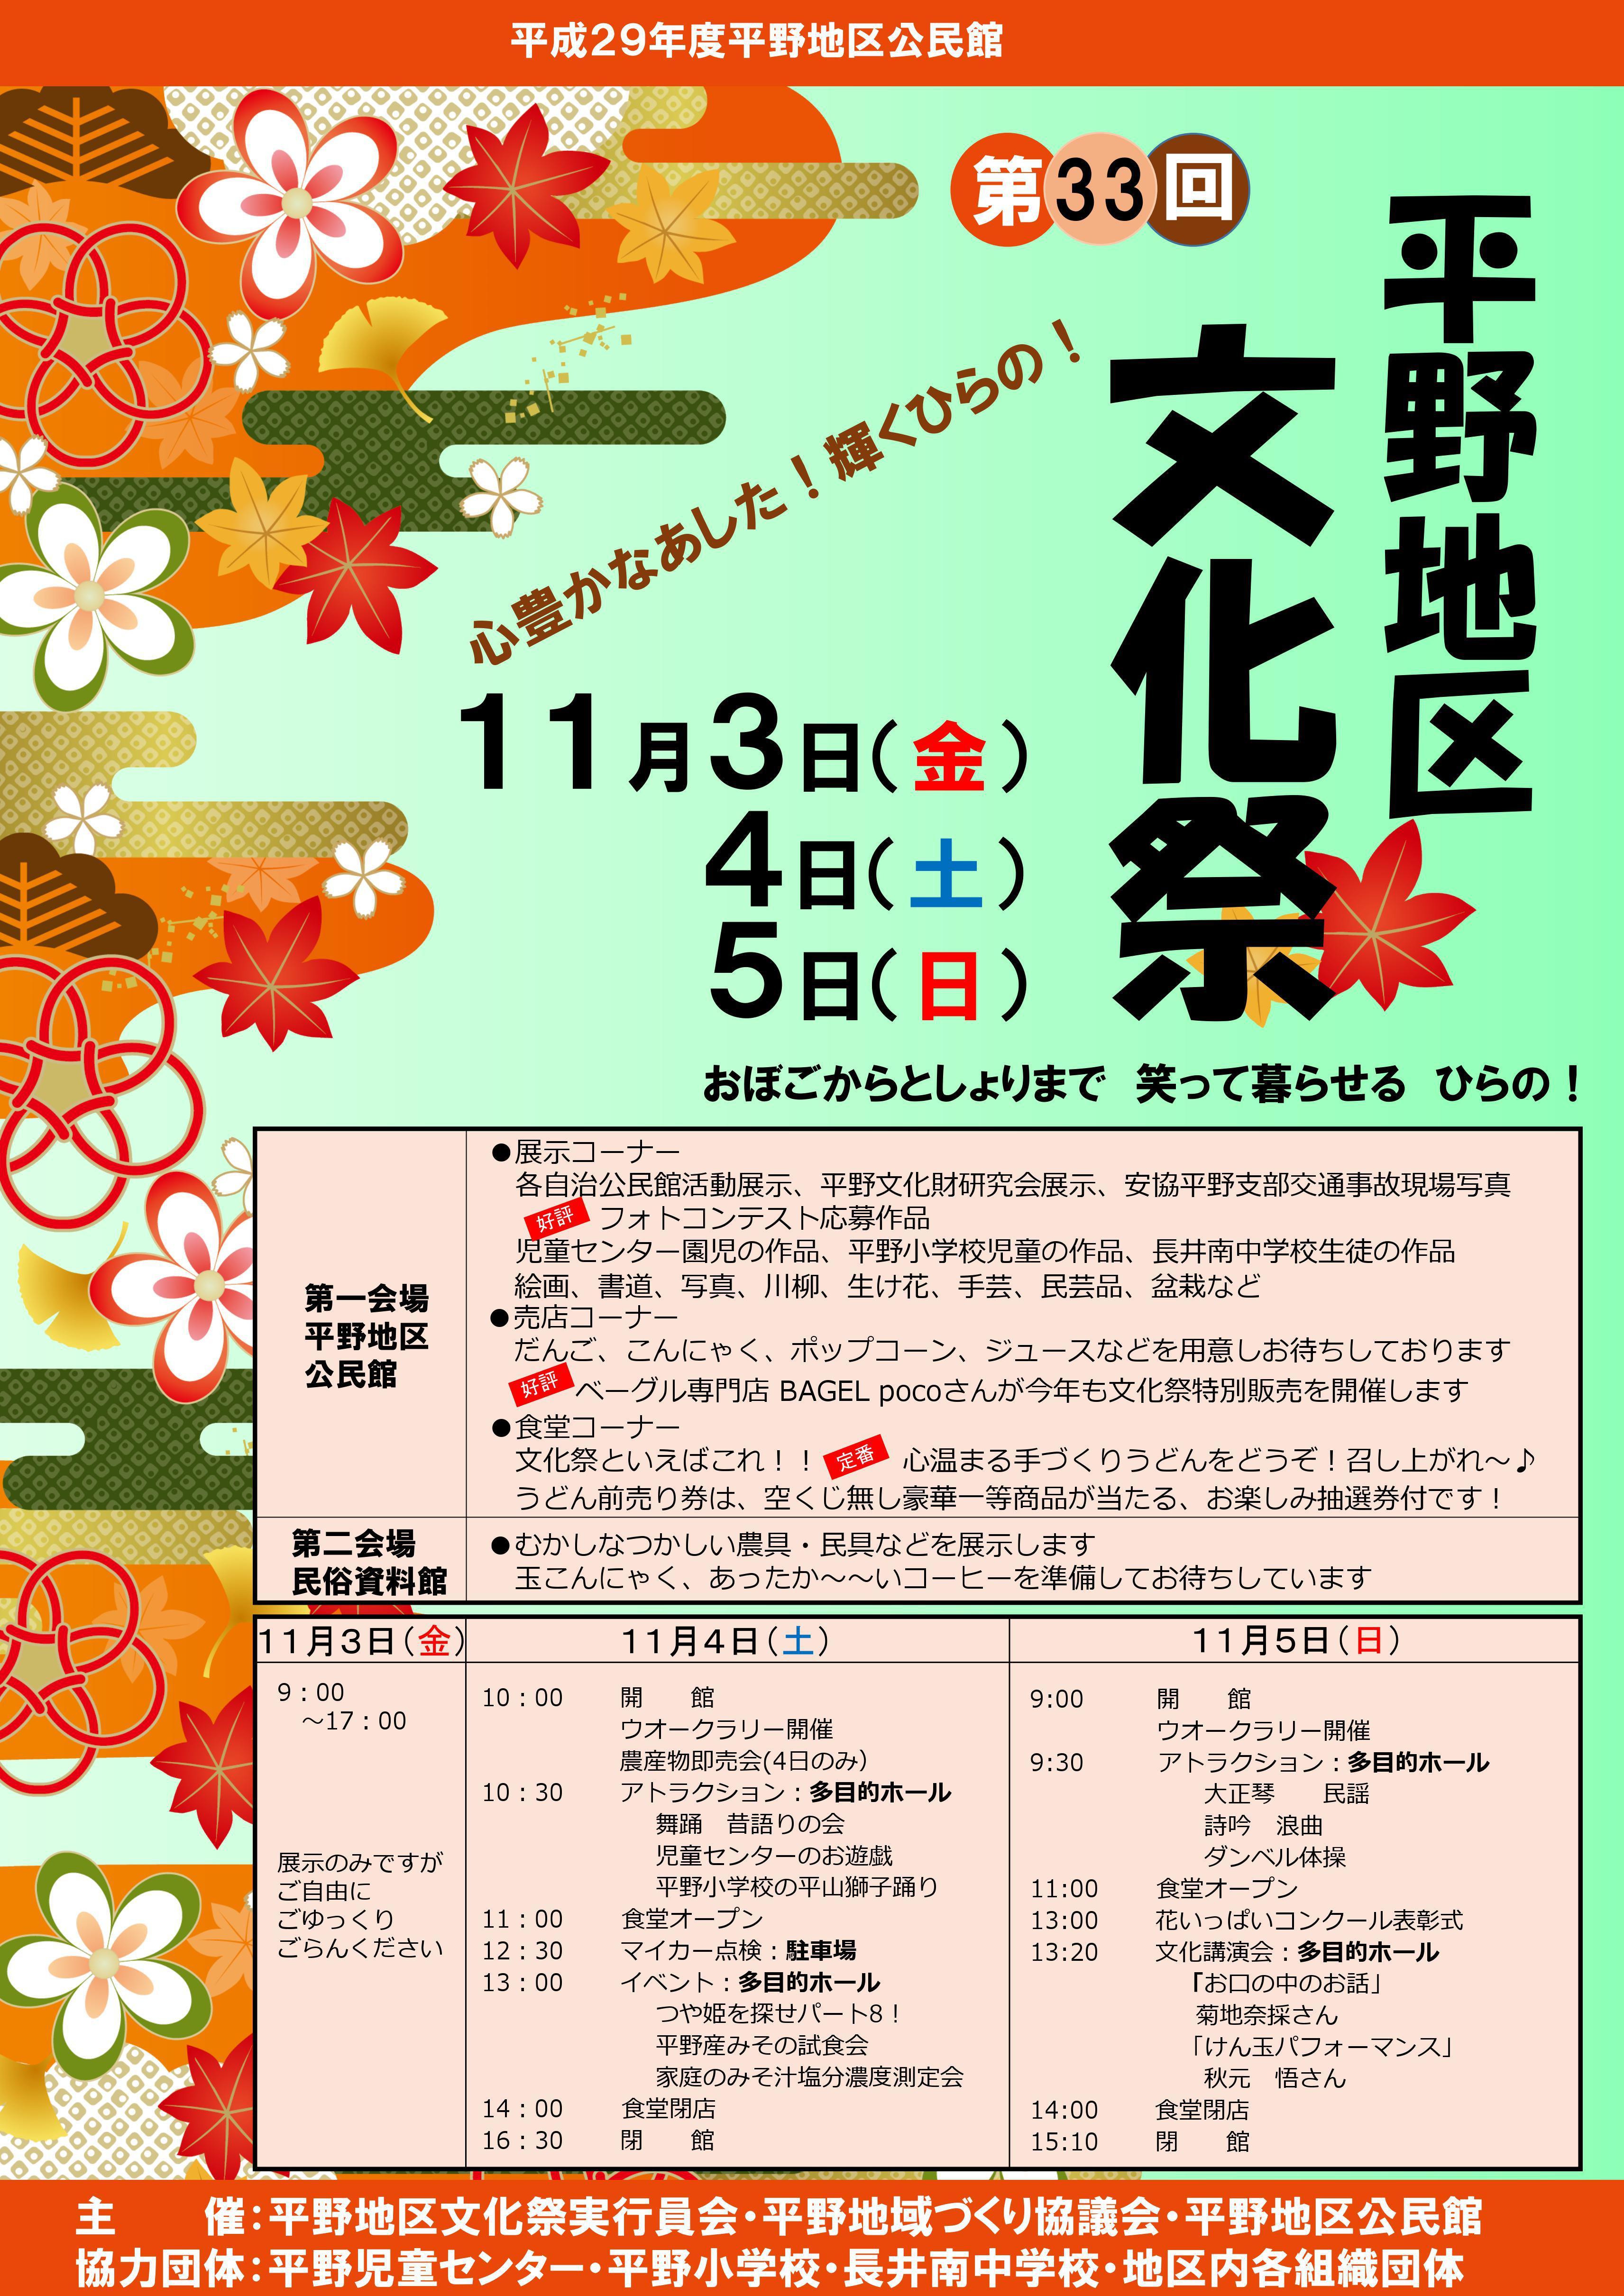 10月2日 運動会・文化祭